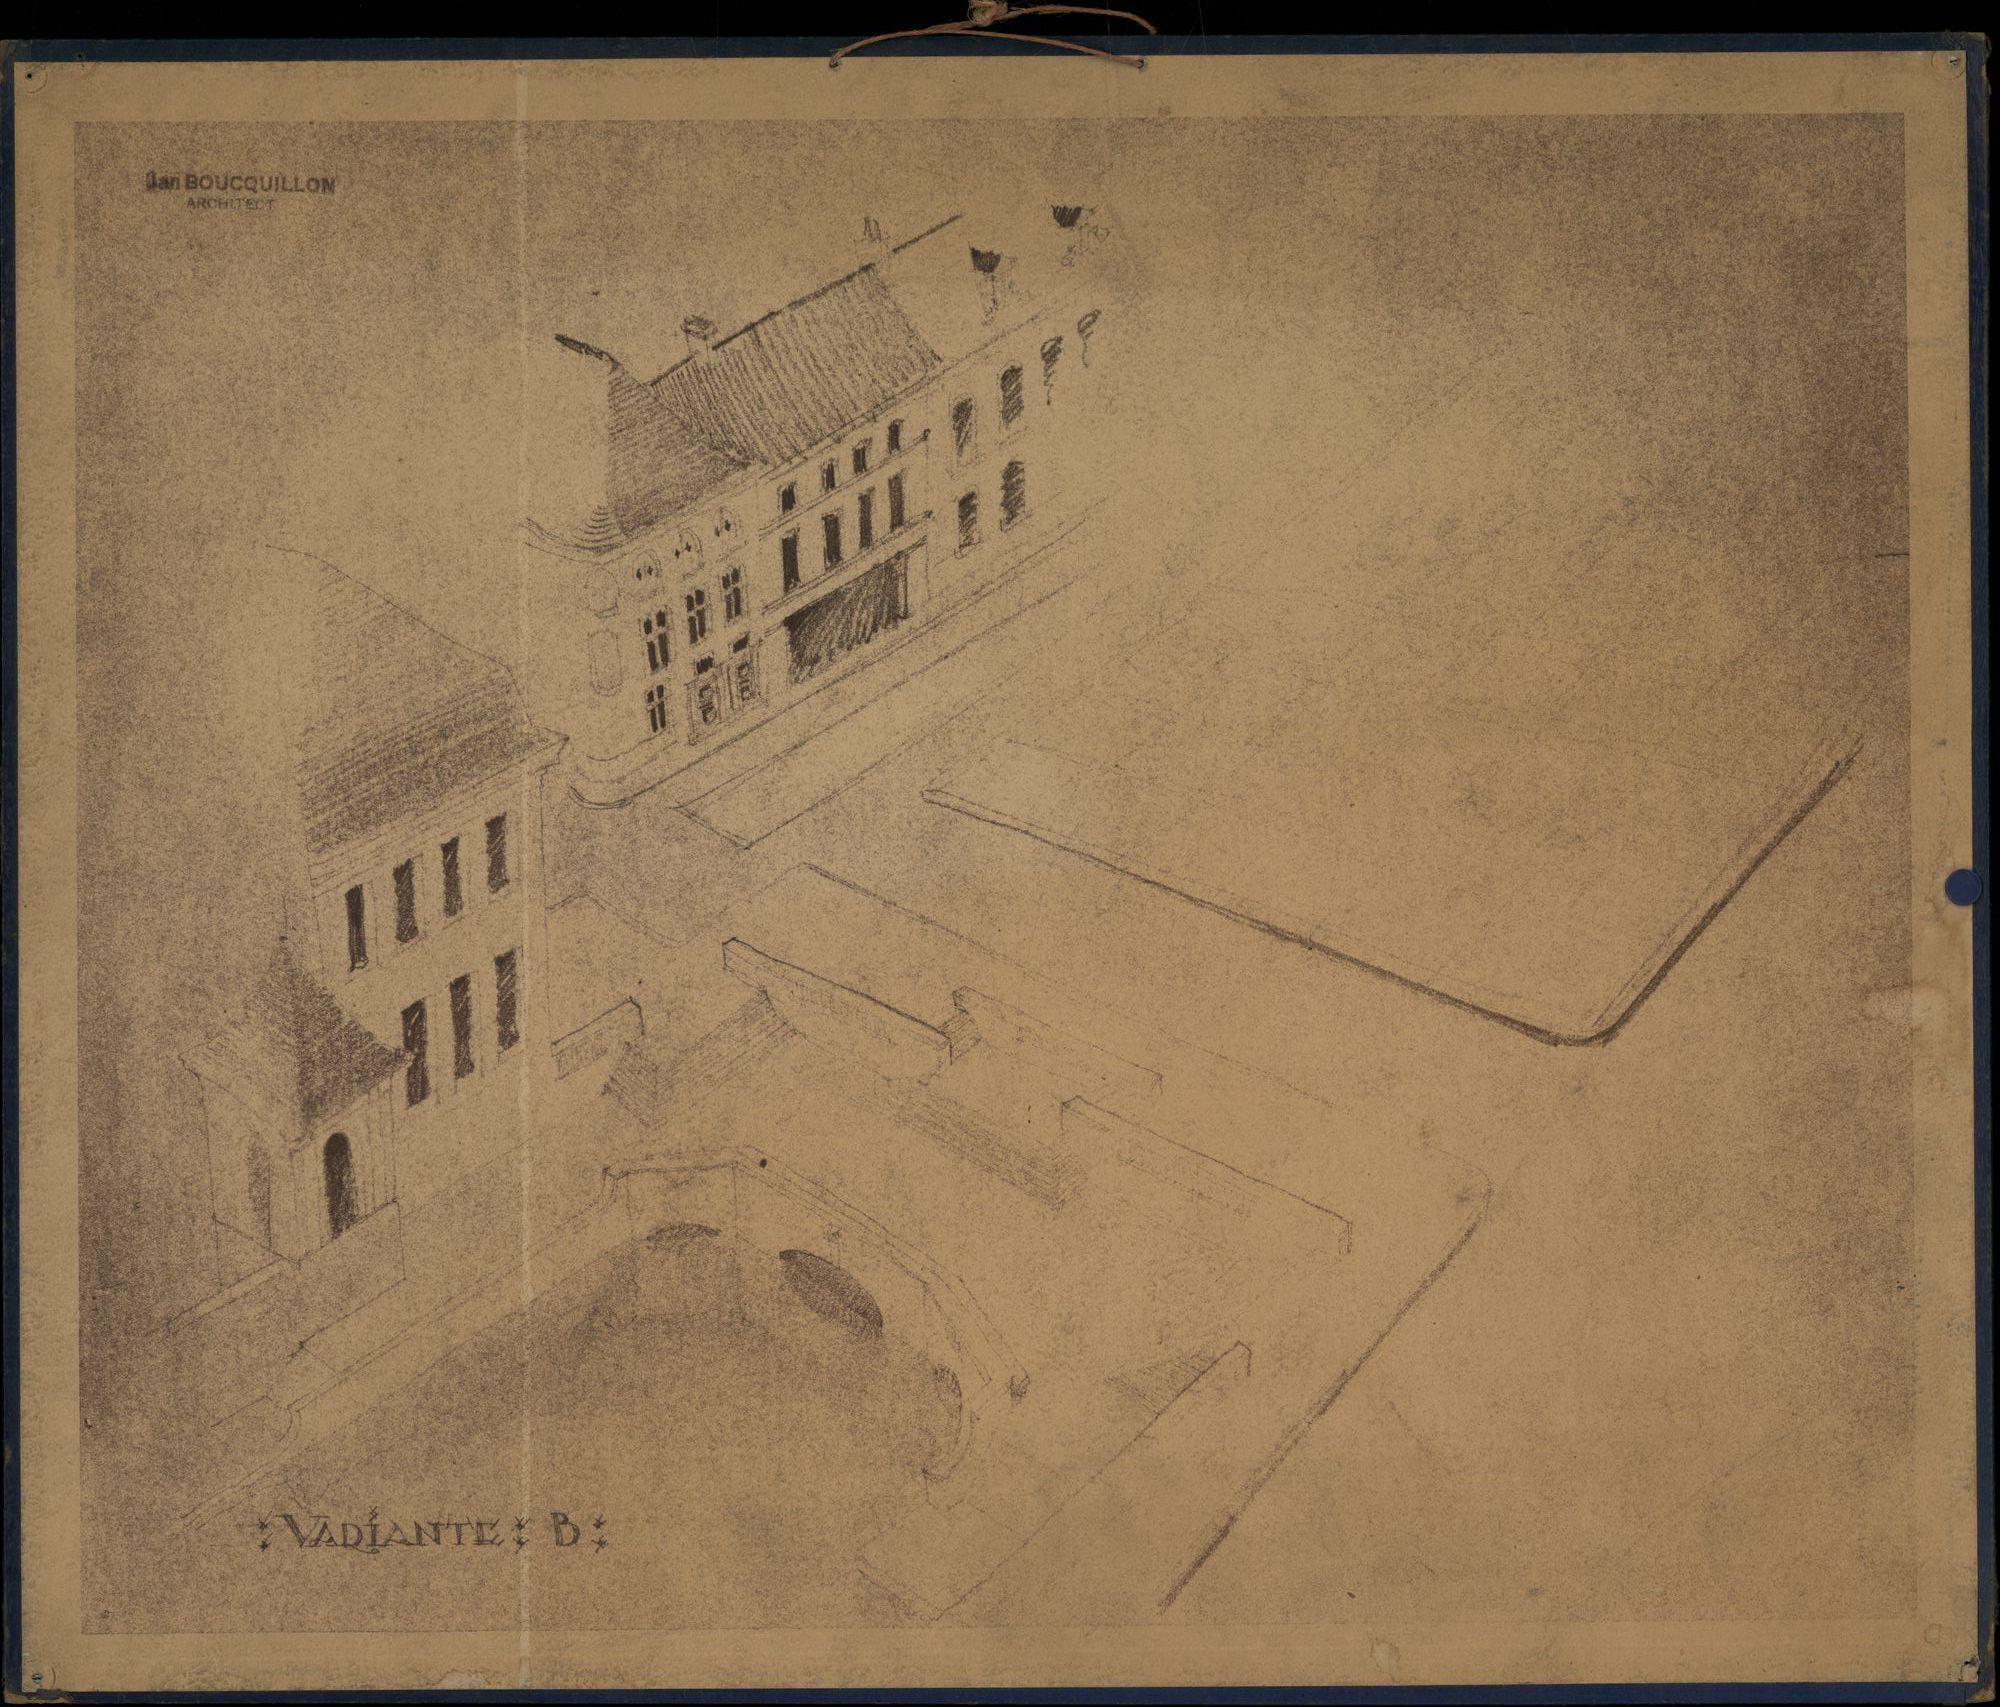 Plattegronden van ontwerpen en afbeeldingen van de omgeving van de Broel en de Leiebrug te Kortrijk, opgemaakt door J.J. Boucquillon, 1941